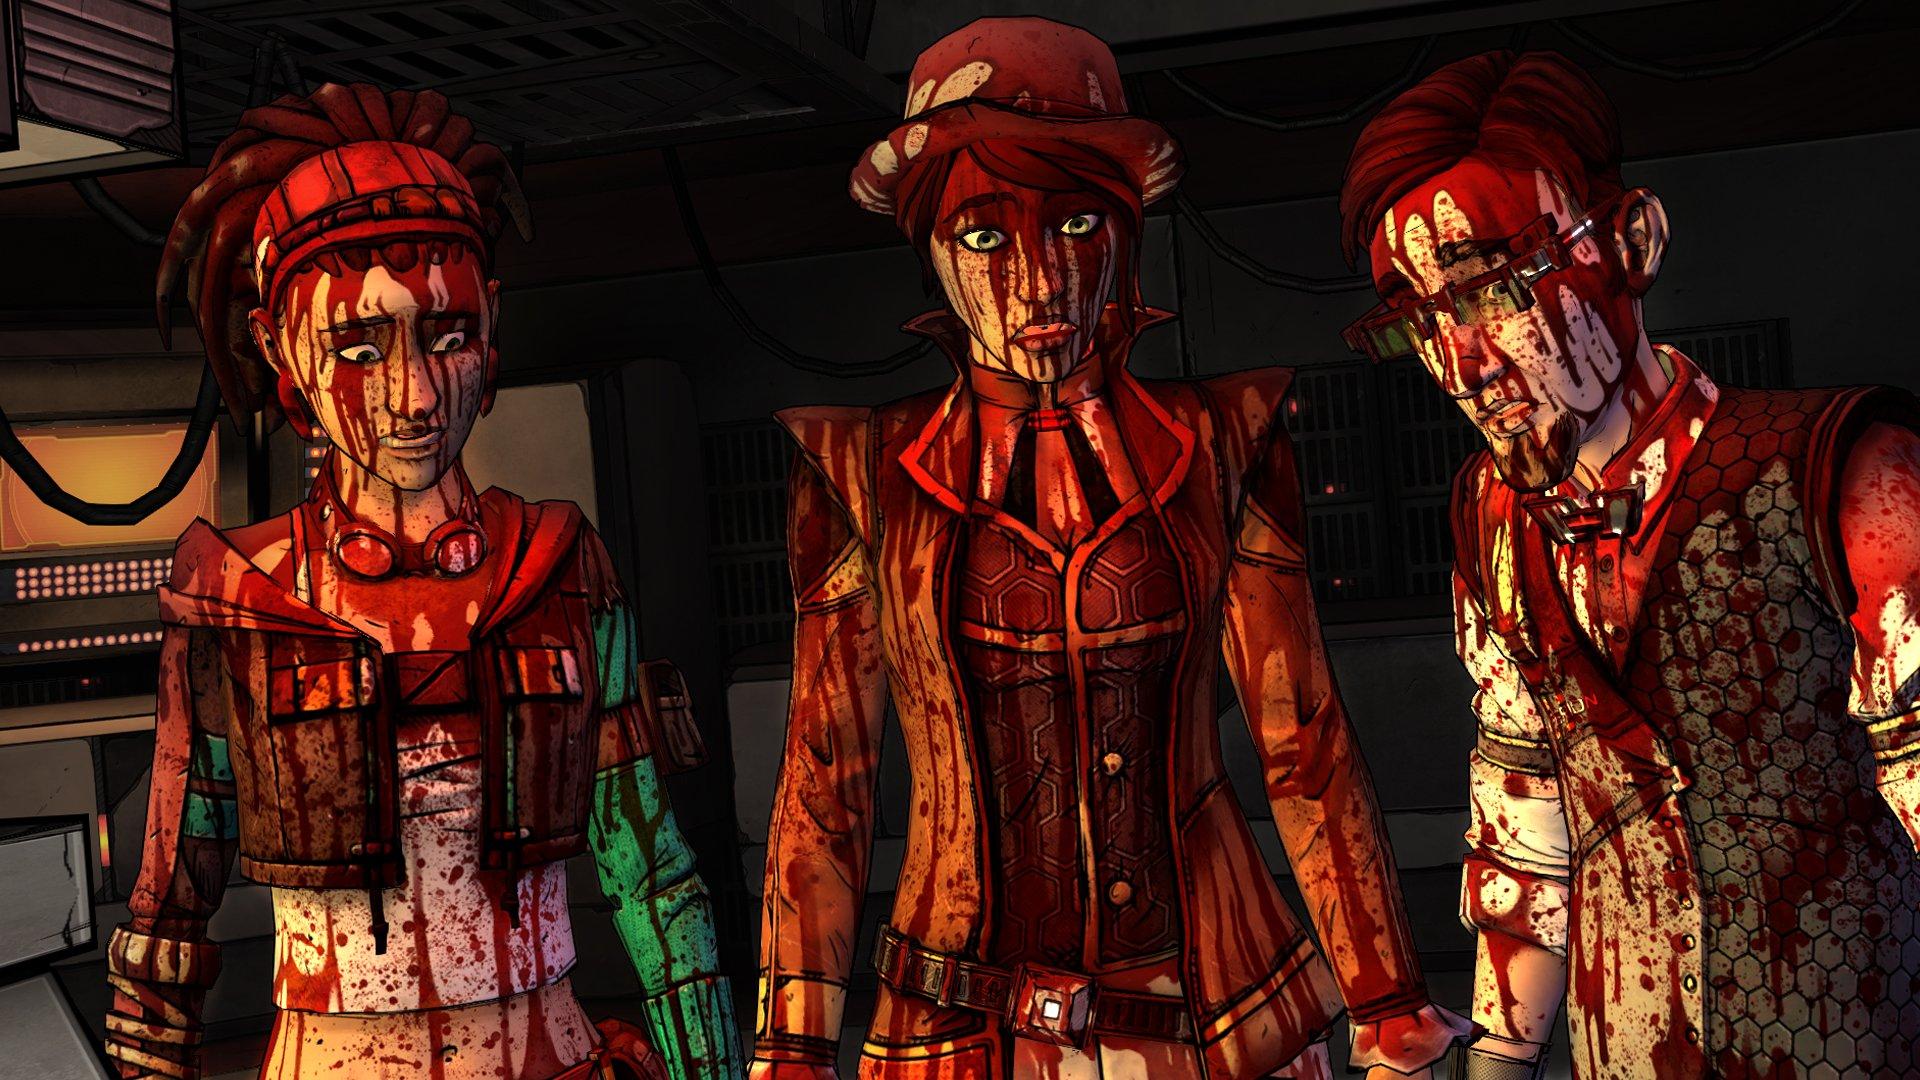 КанобуПазл выпуск #2.0. Кровавые приграничные истории. - Изображение 2